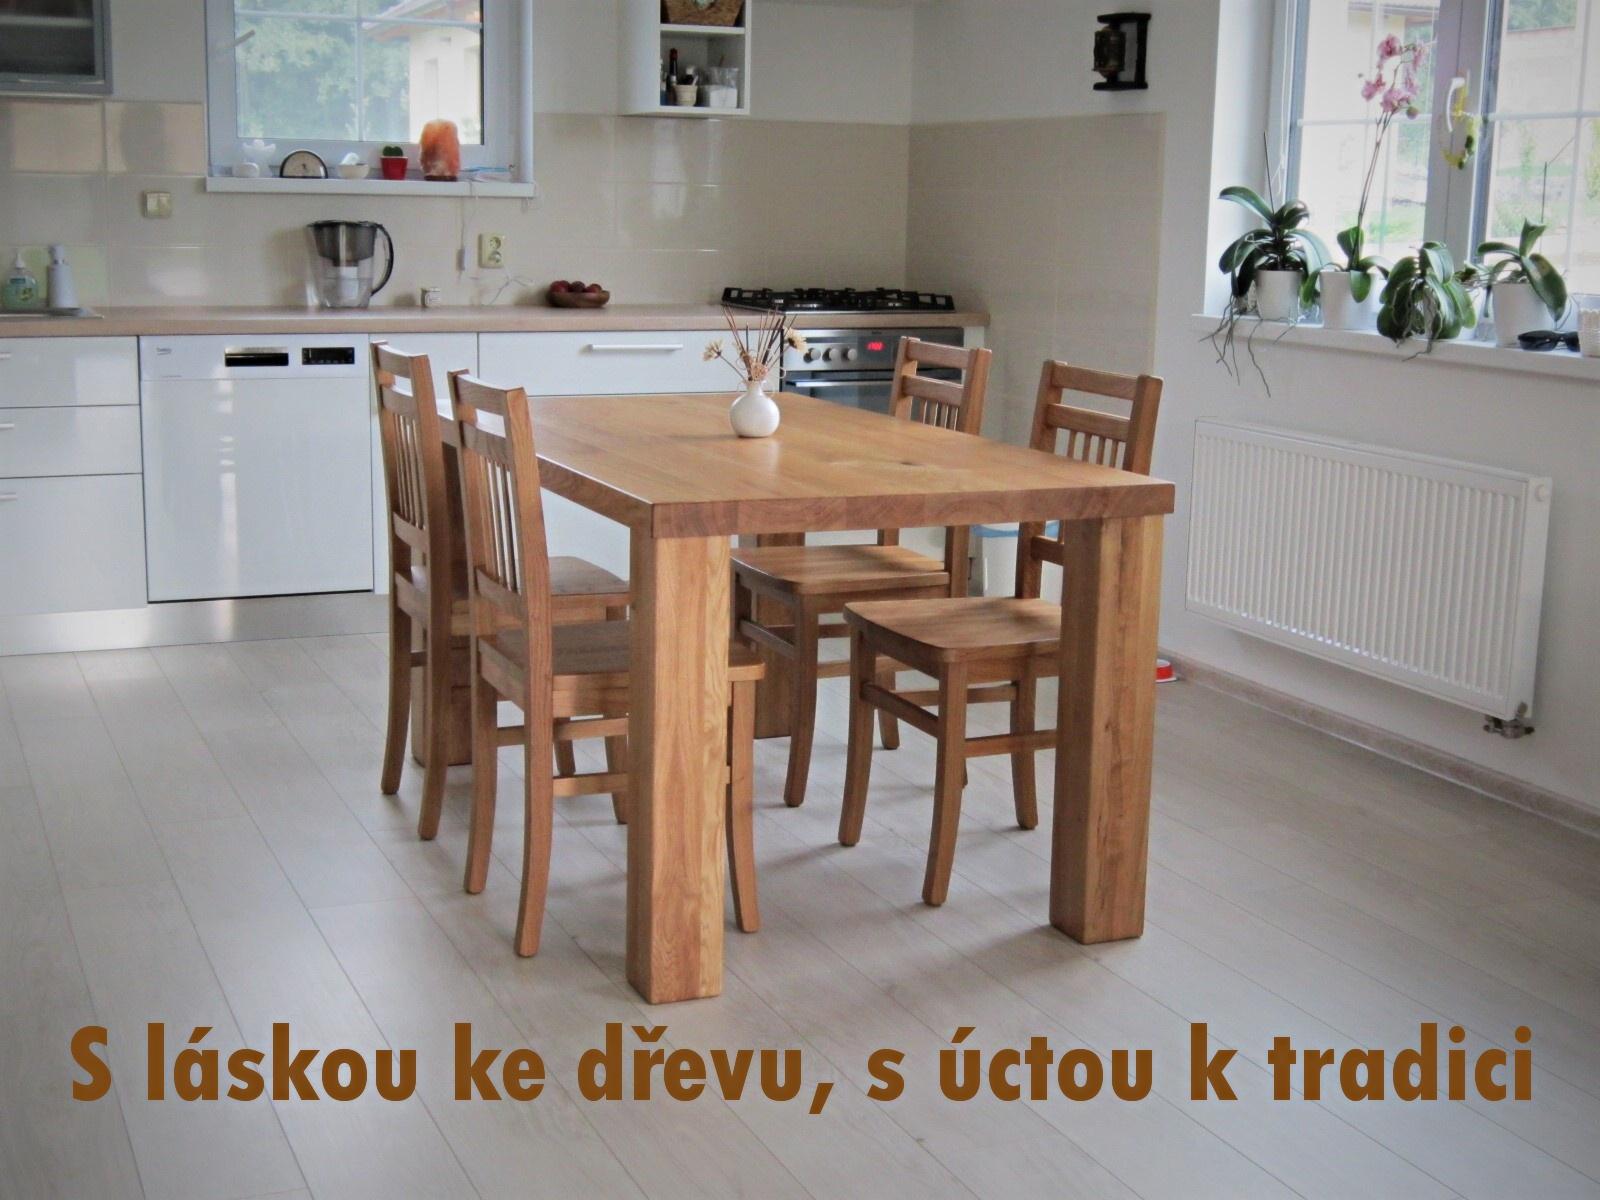 S láskou ke dřevu